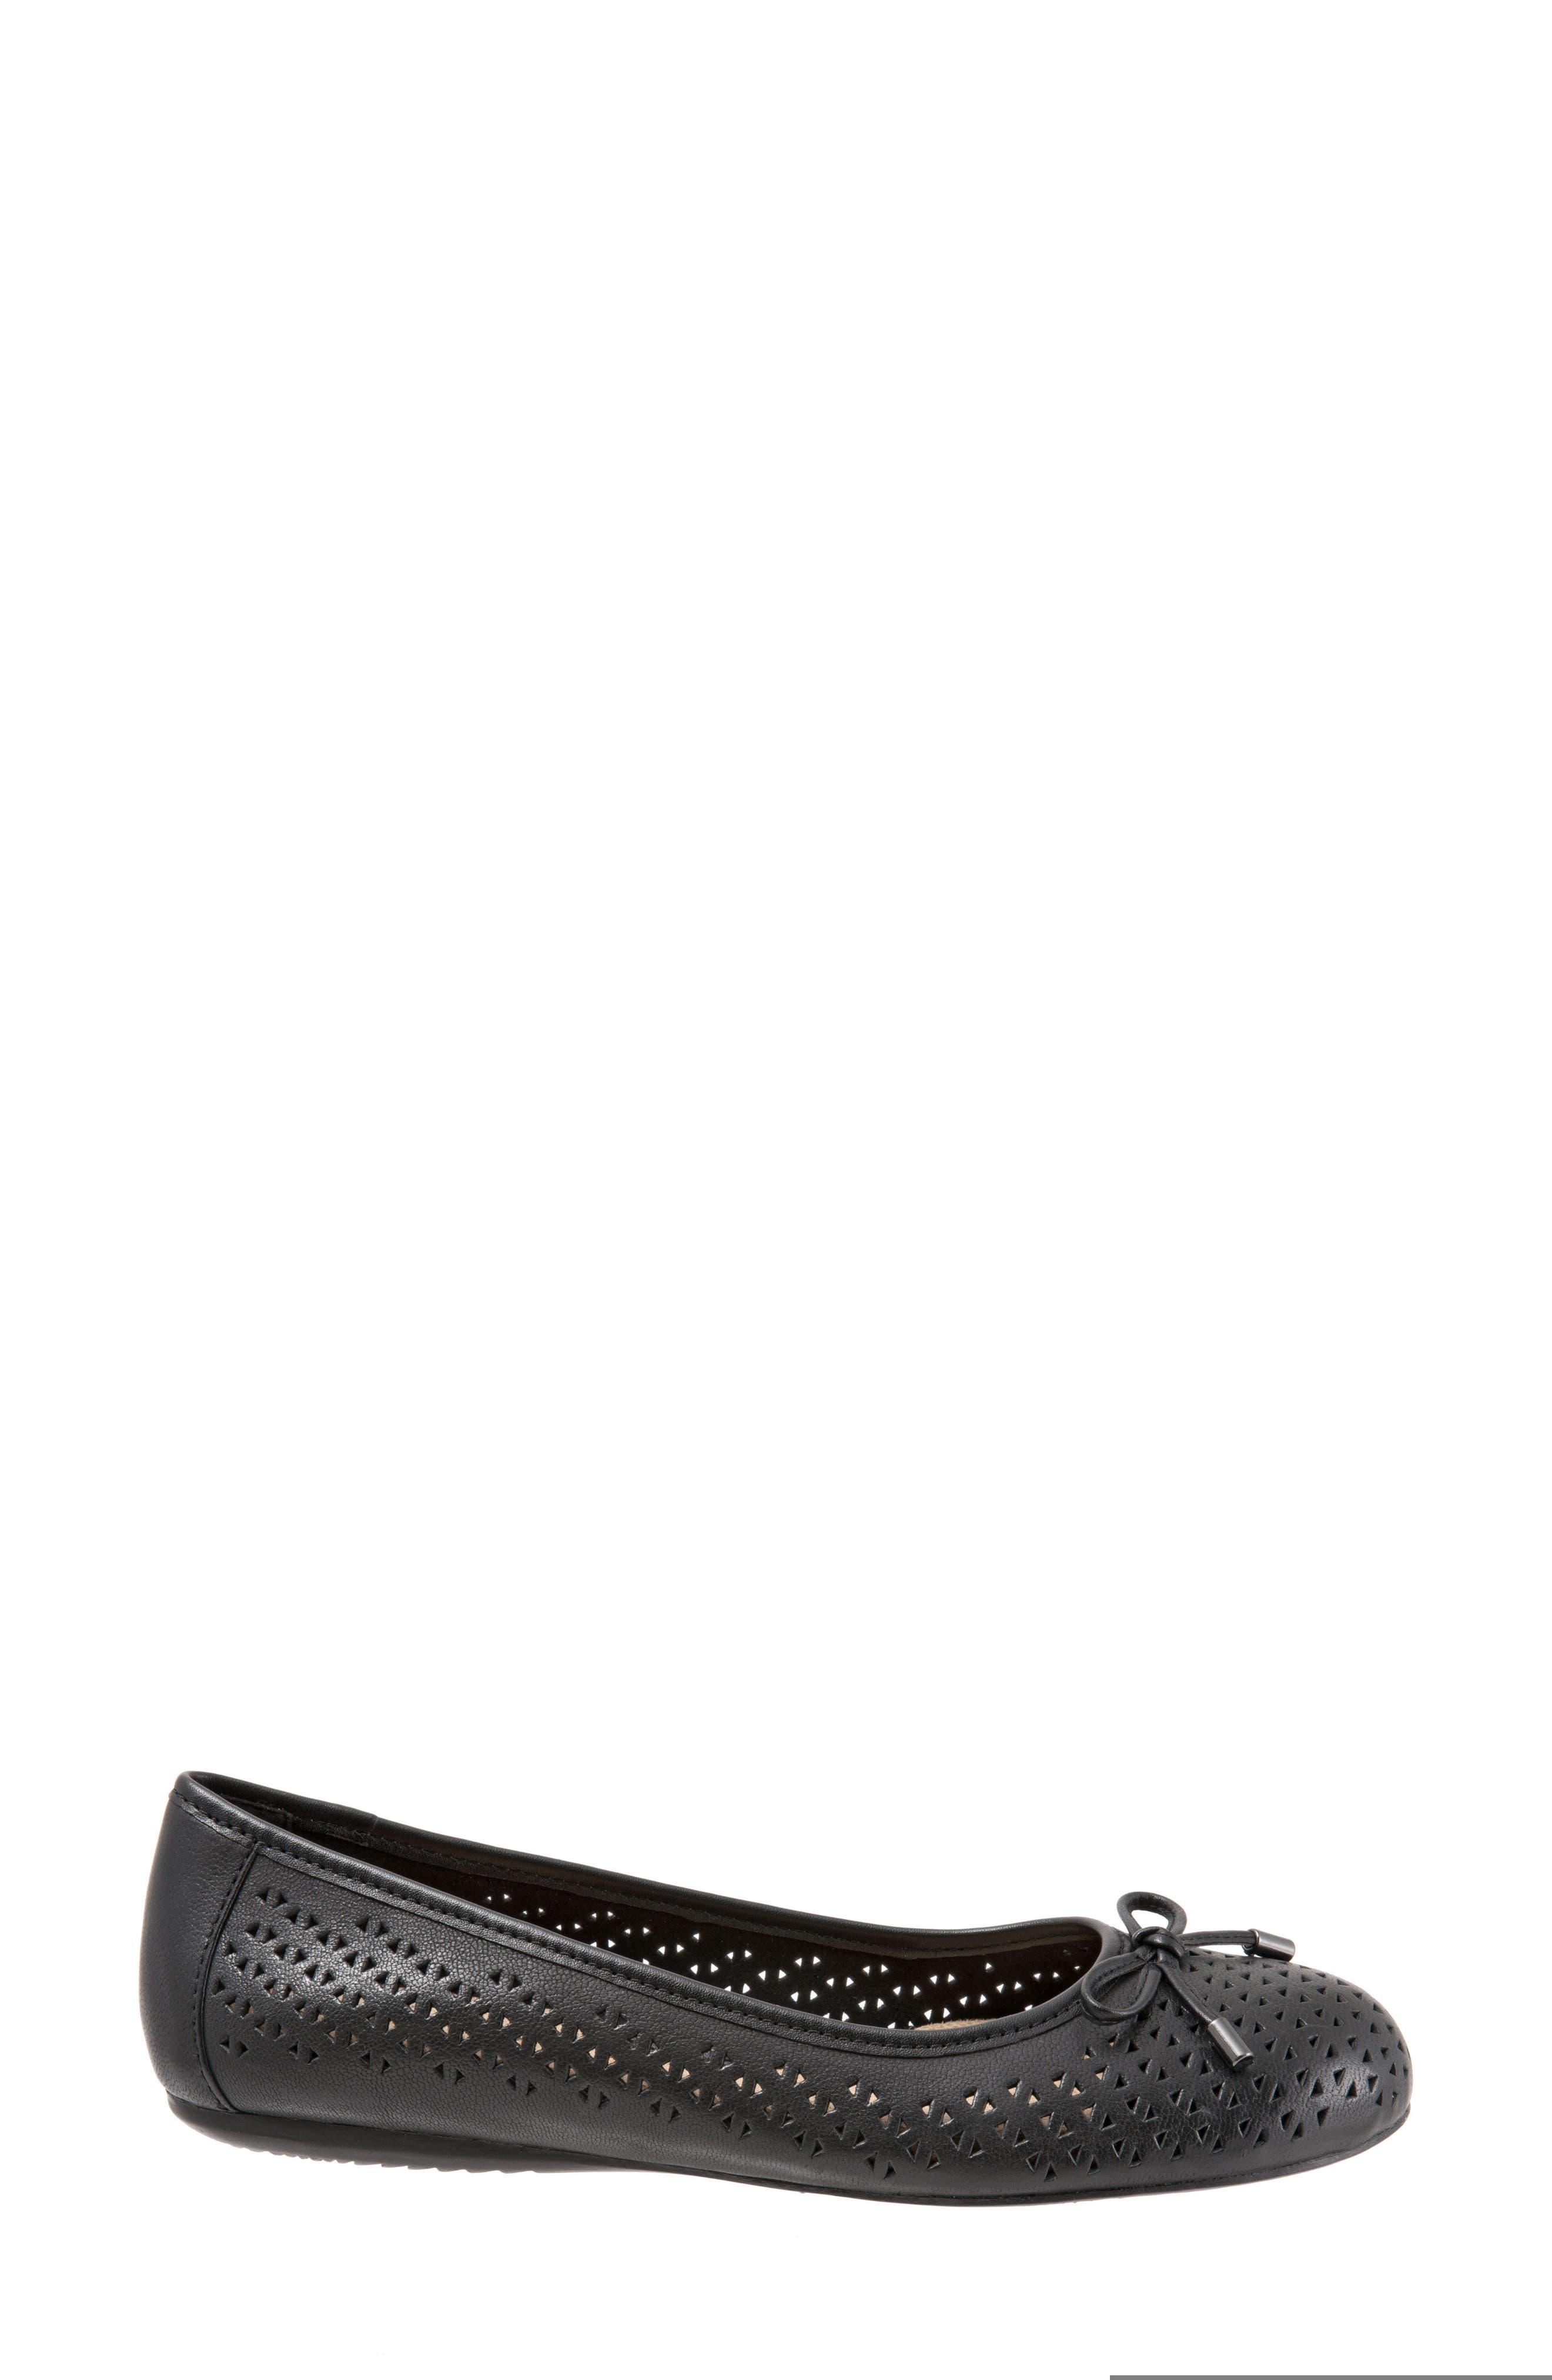 Napa Flat,                             Alternate thumbnail 4, color,                             Black Leather